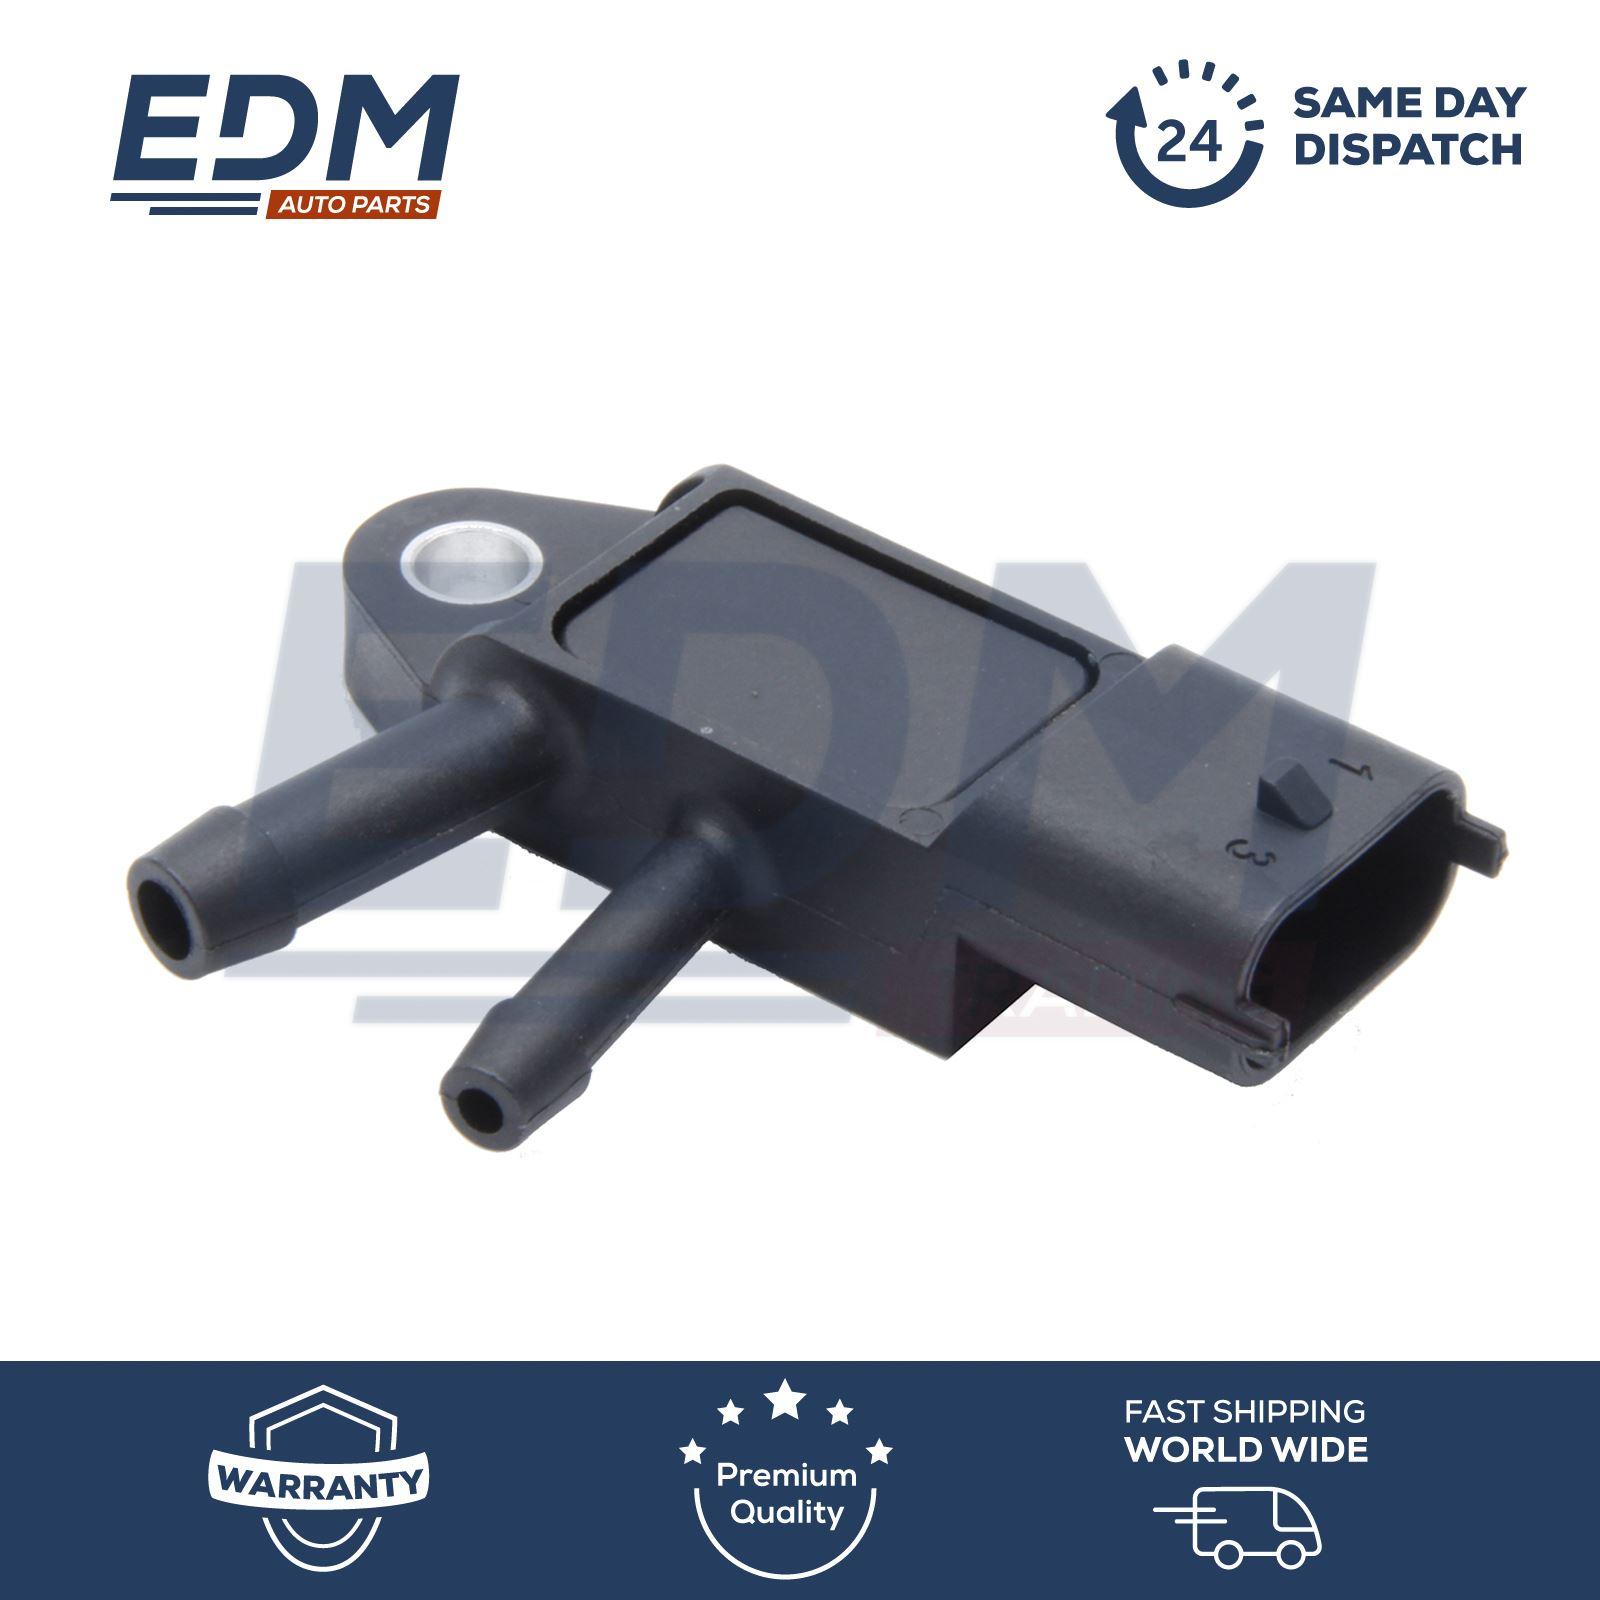 V50 XC70 Exhaust Pressure //DPF Sensor Volvo C30 S60 V70 XC60 C70 S40 S80